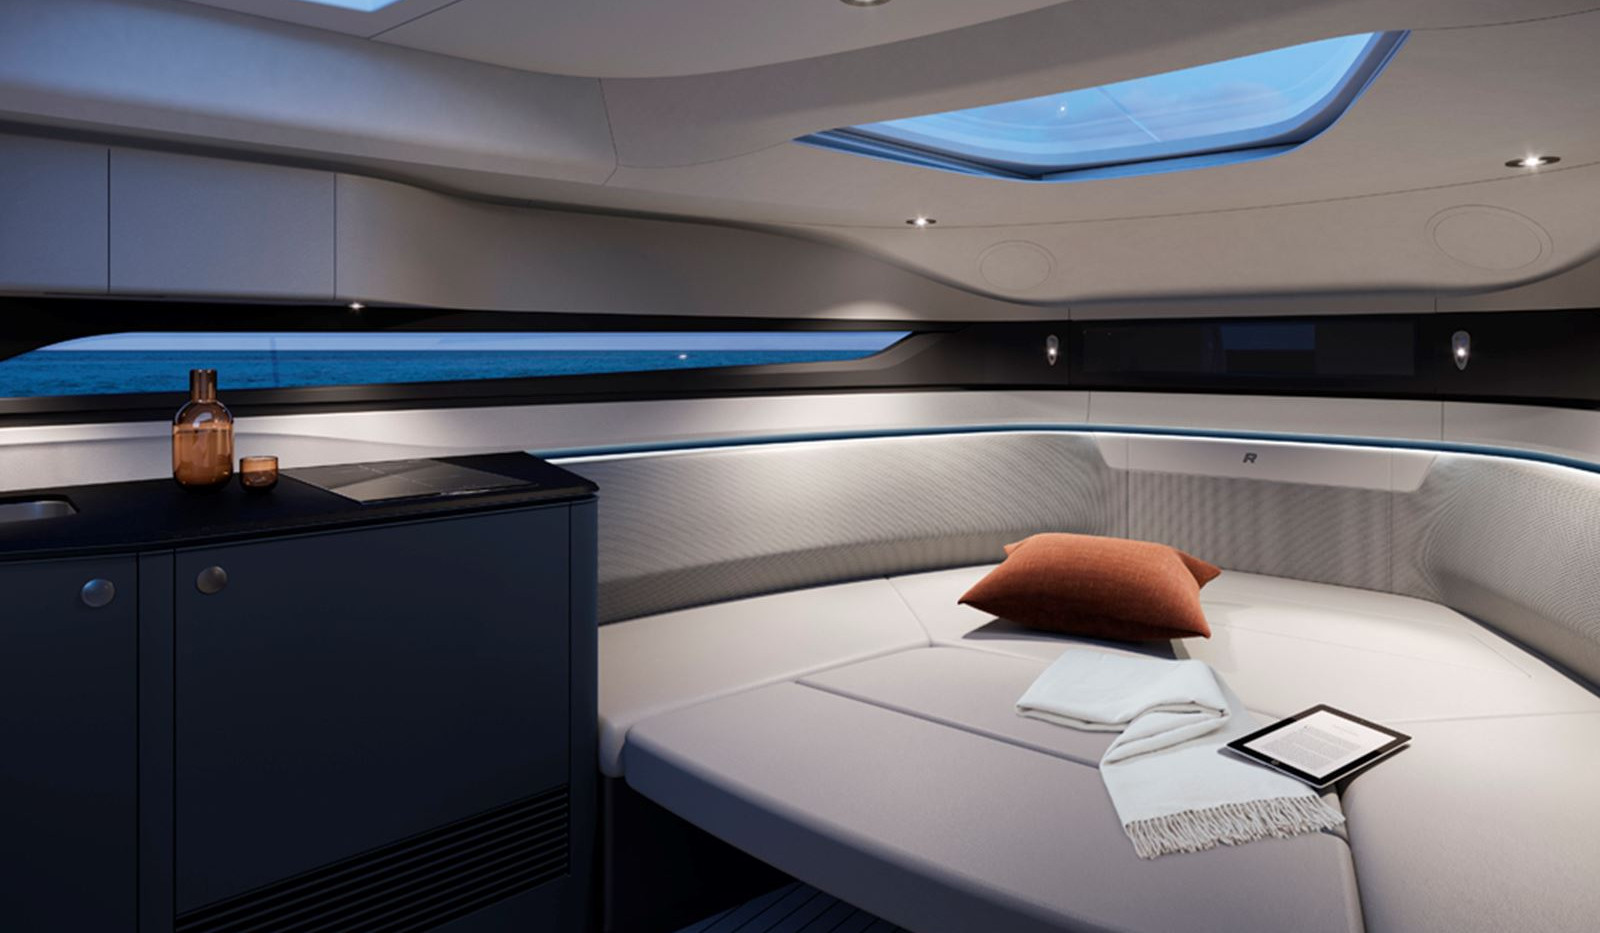 r35-cabin-oxygen-scheme-at-duskAbromowit